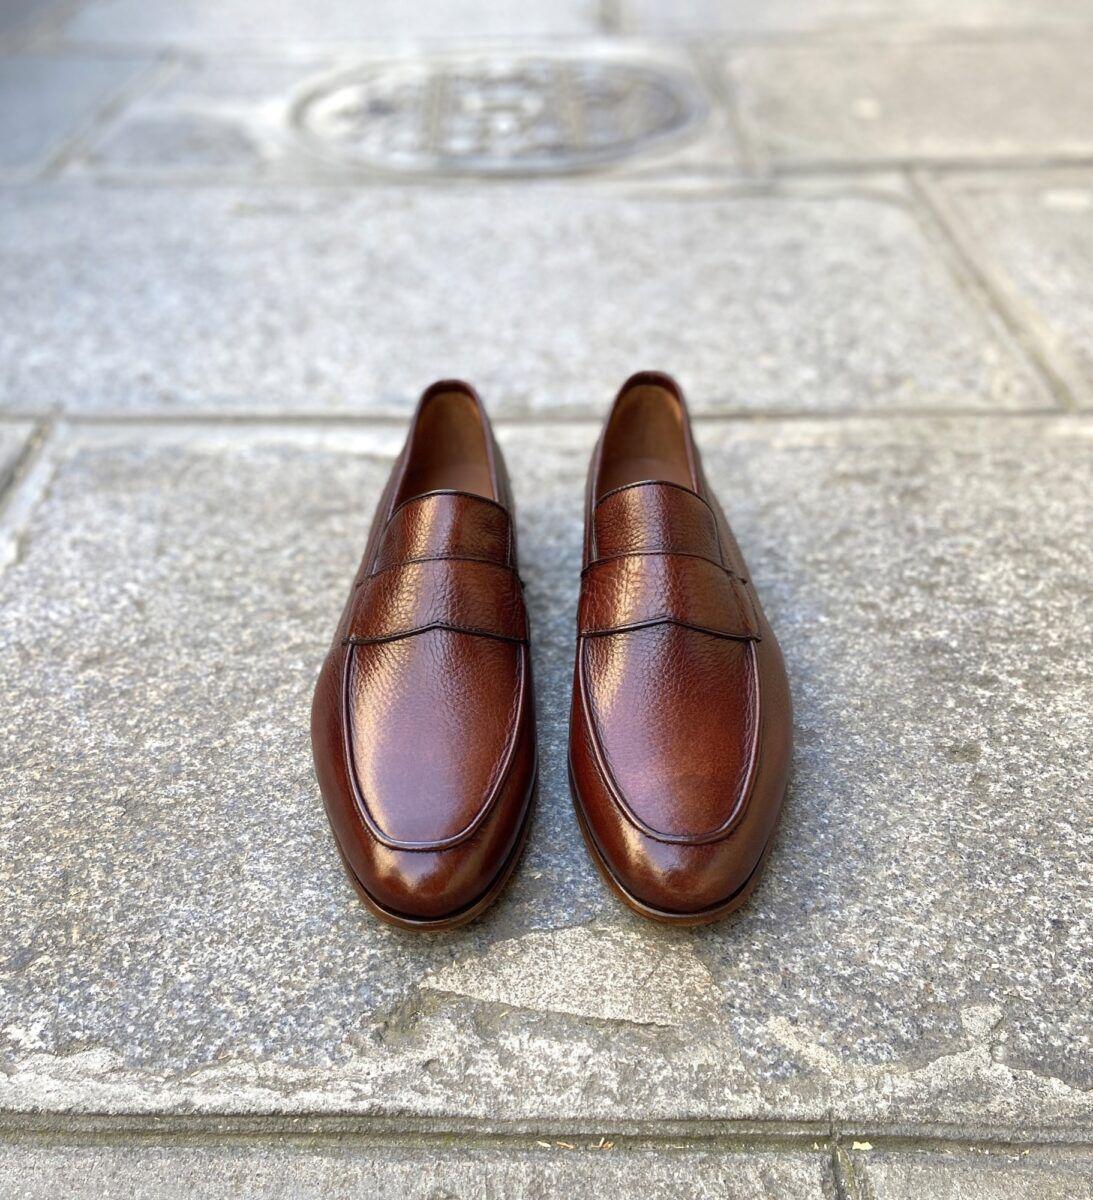 Mocassin pour hommes en cuir grainé de couleur cognac - Caulaincourt Paris